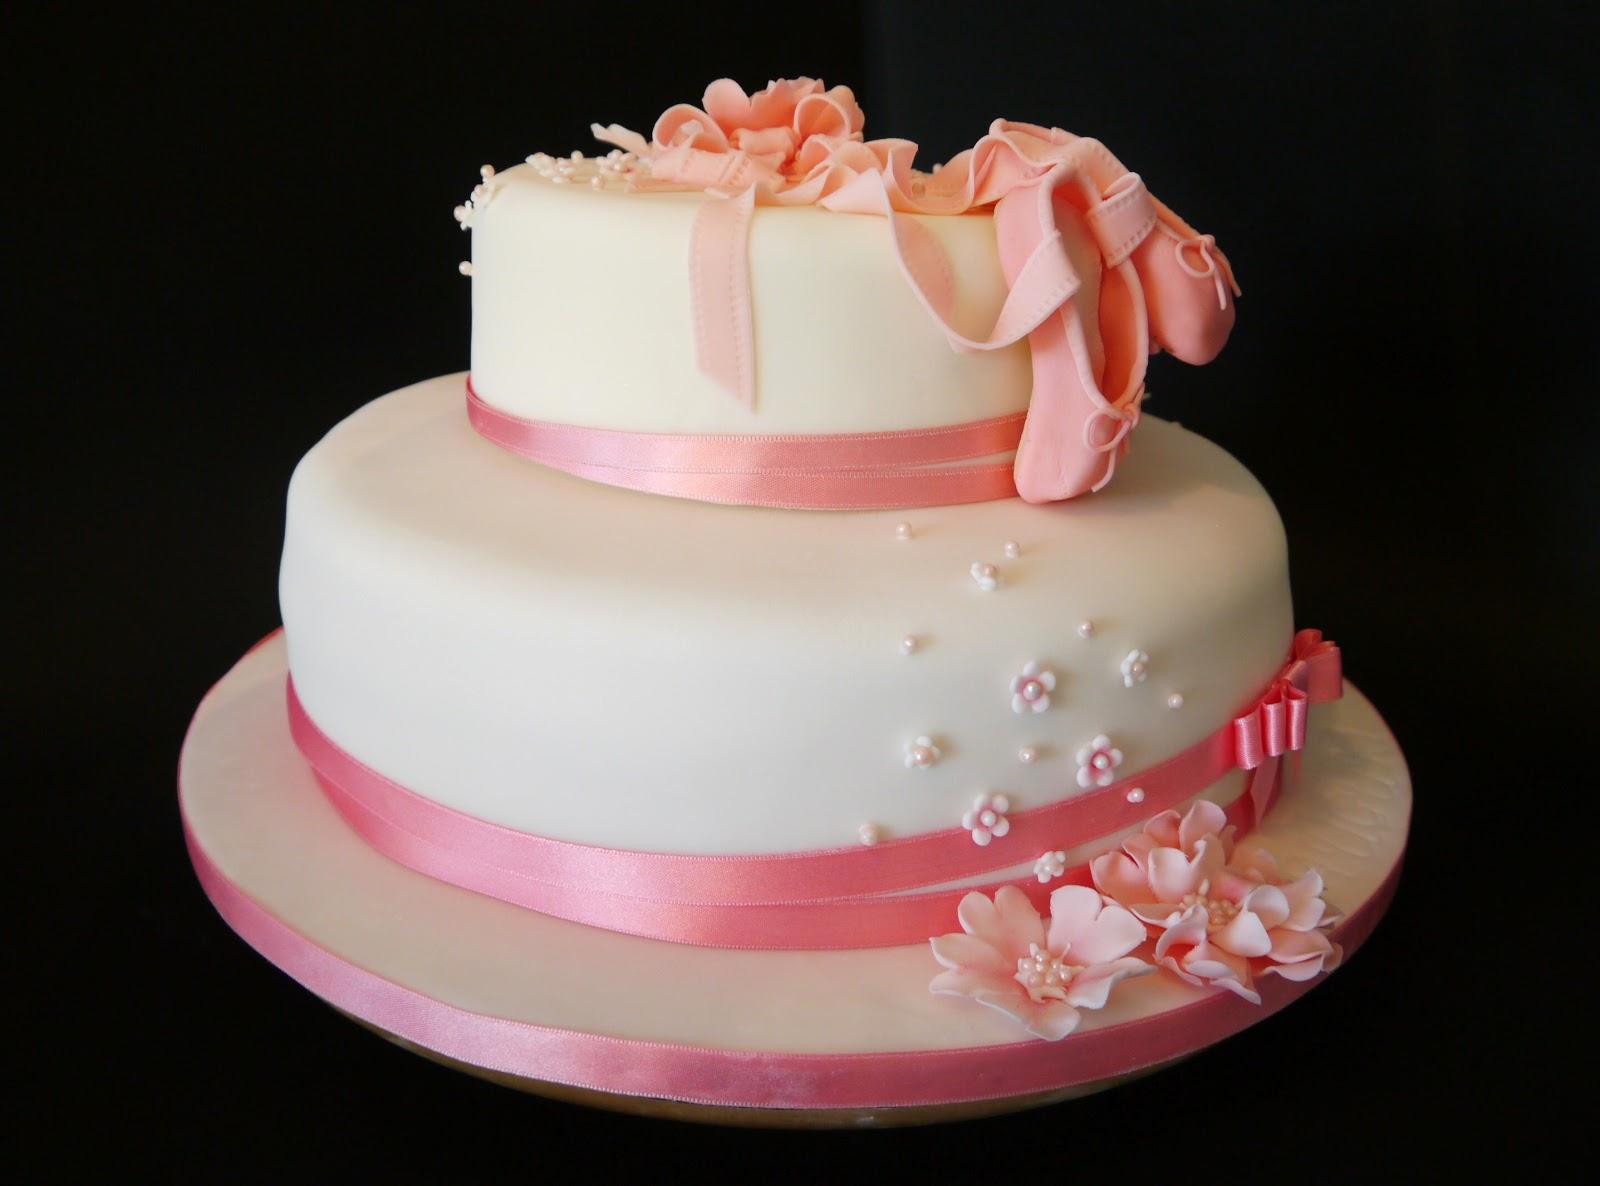 Incanto di zucchero la torta per il compleanno della mia - Colorazione pagina della torta di compleanno ...